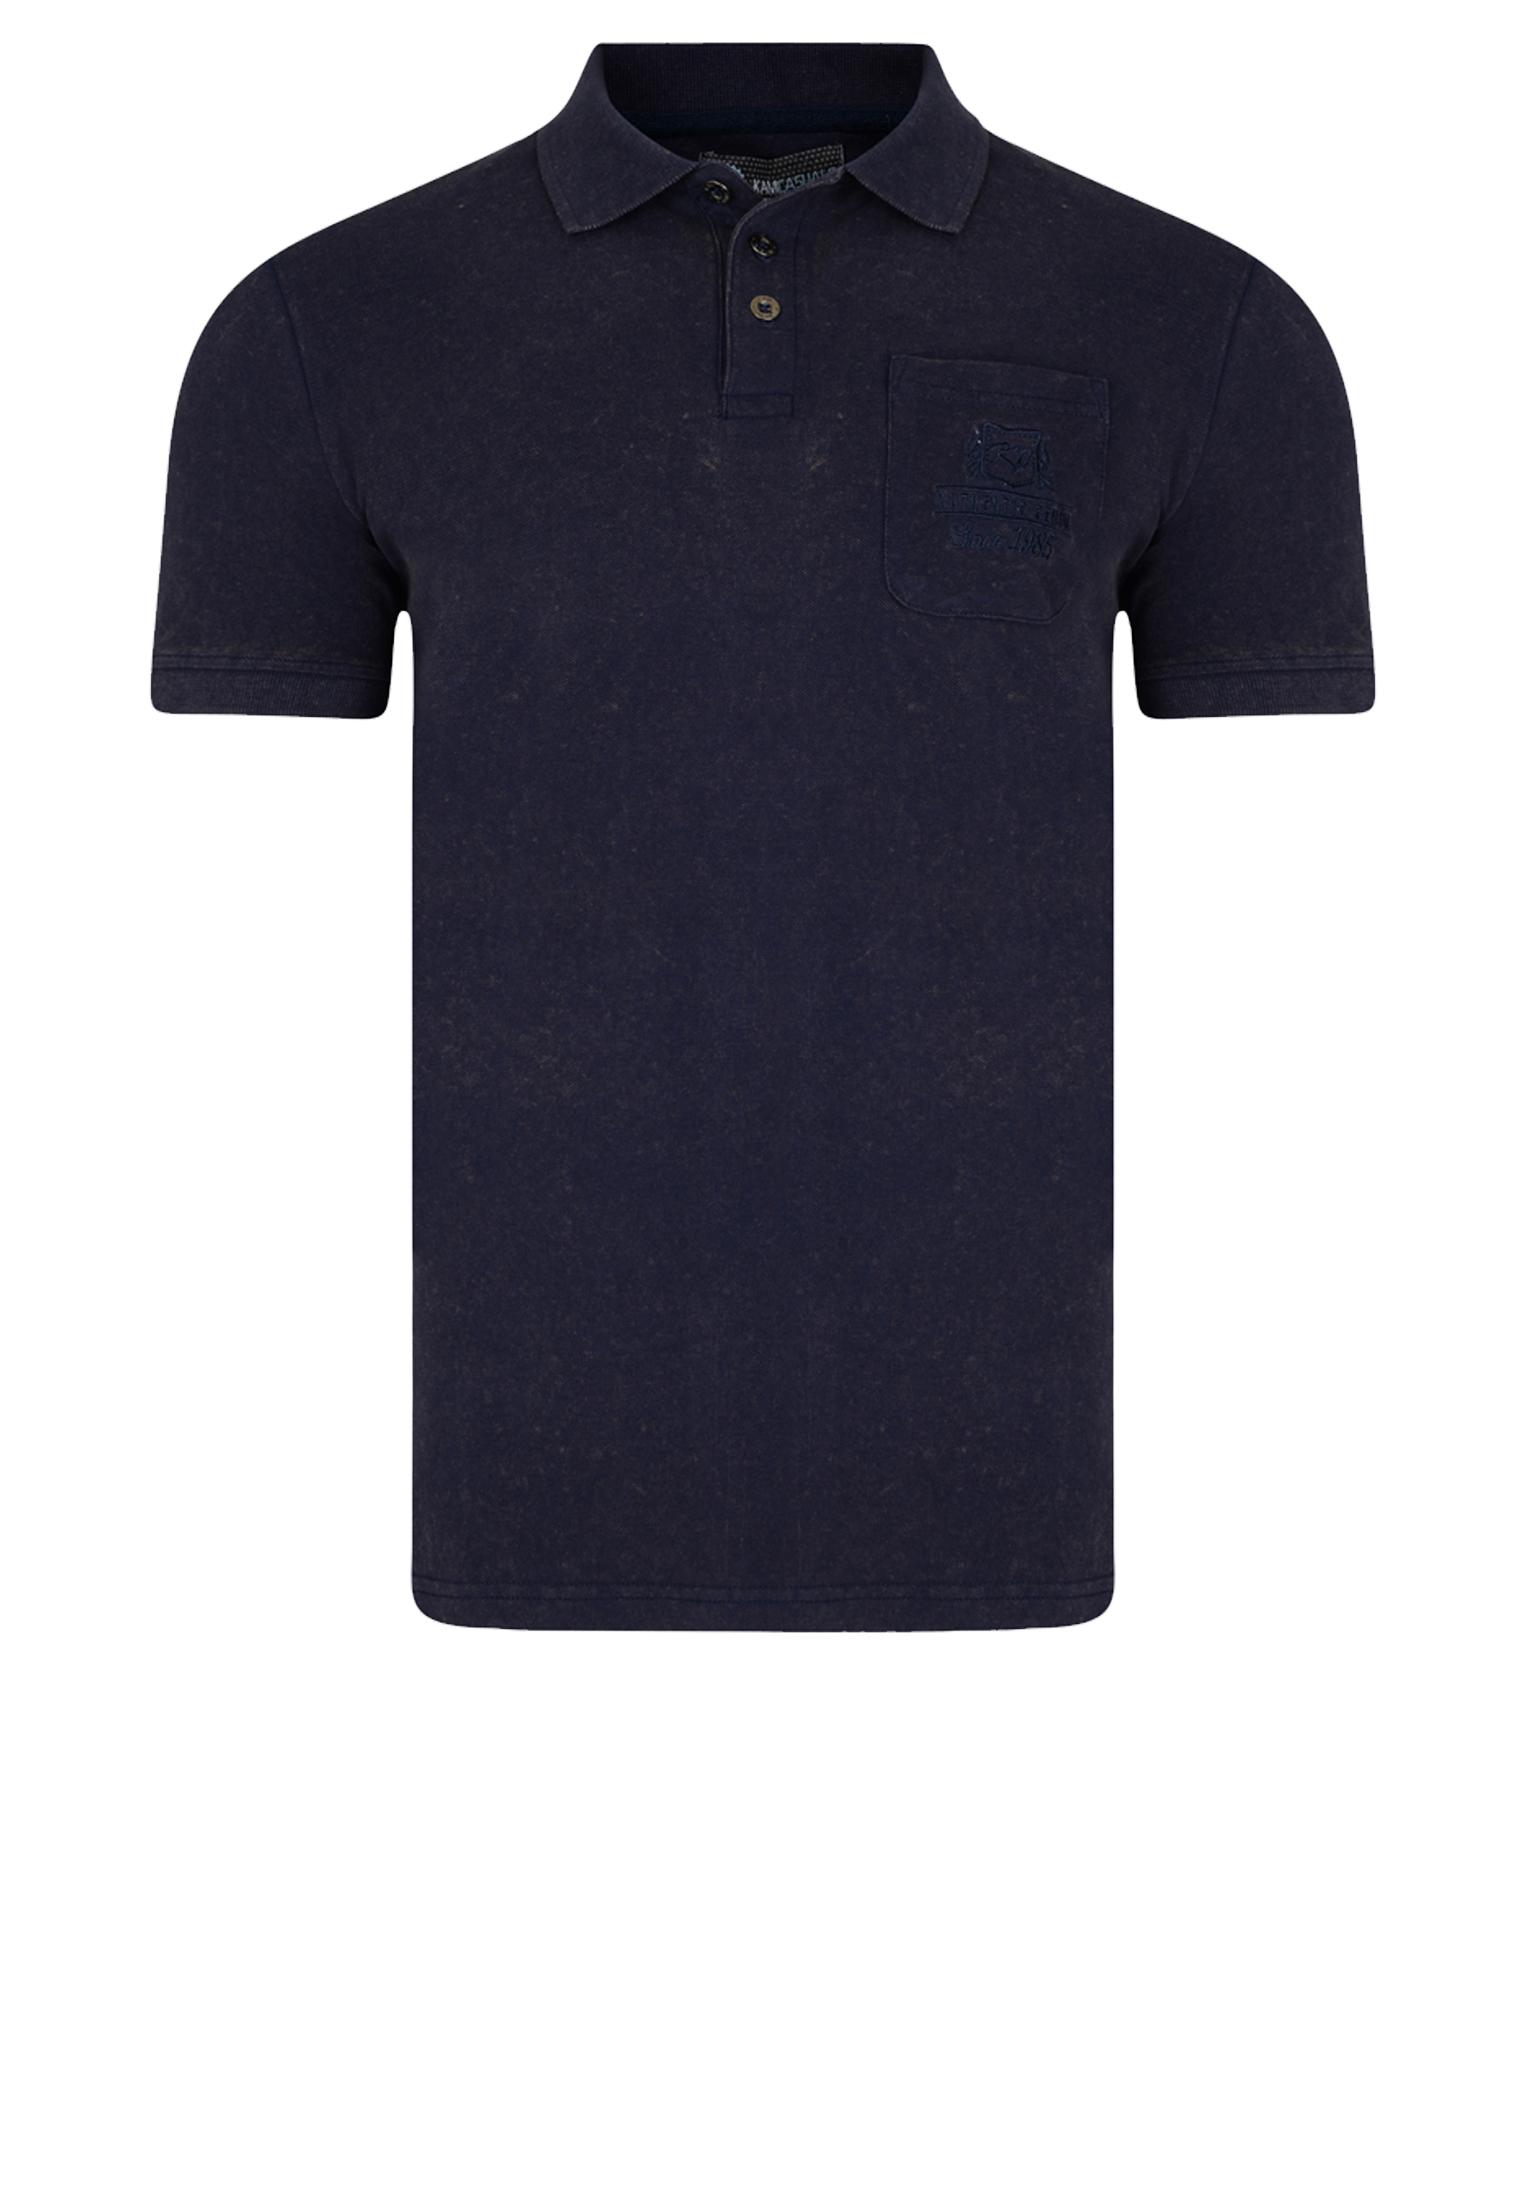 Mooi Pique polo met korte mouw van het merk KAM JEANSWEAR met een borst zakje op de linker voorkant in de kleur navy